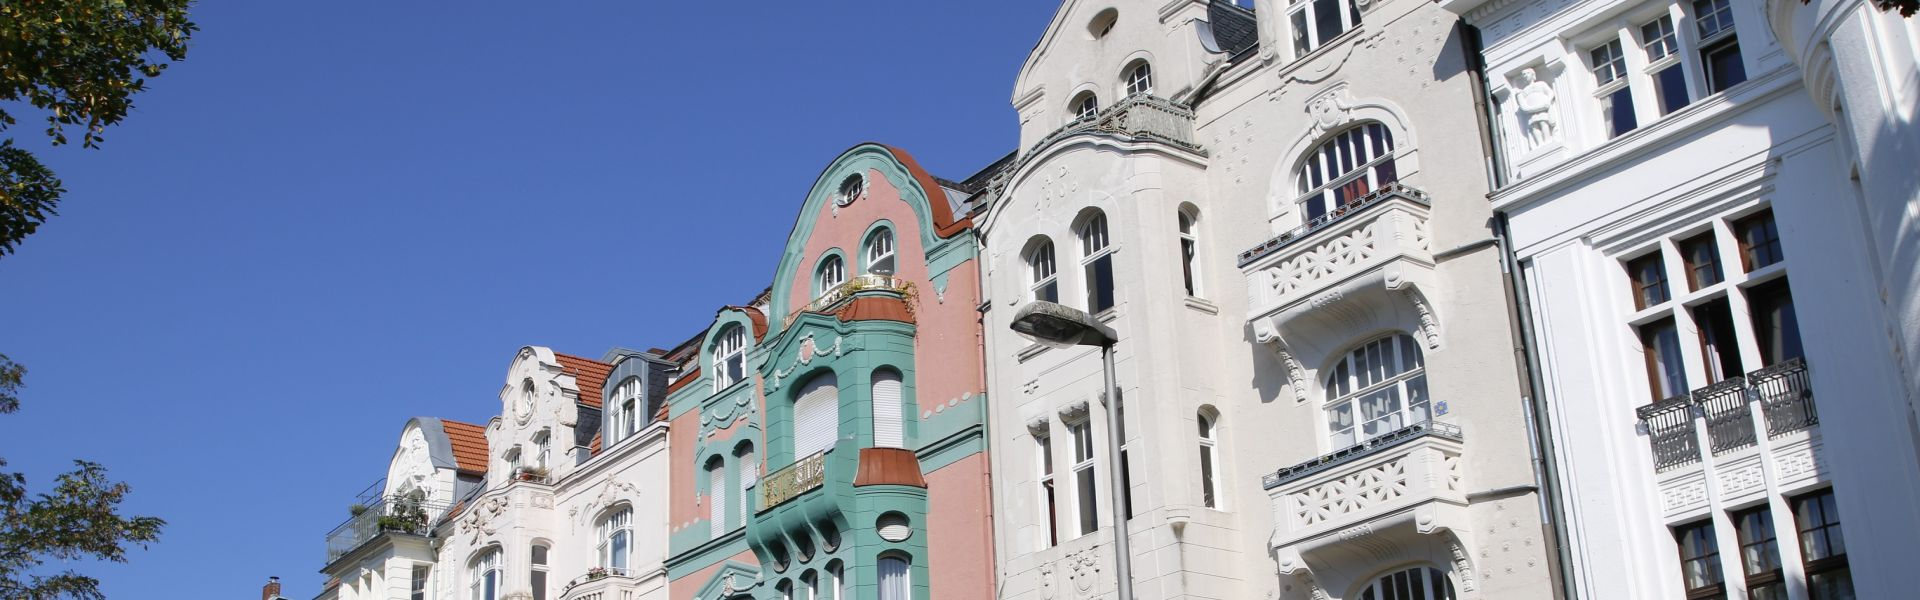 ImmoCenterKoeln - Häuserreihe Köln